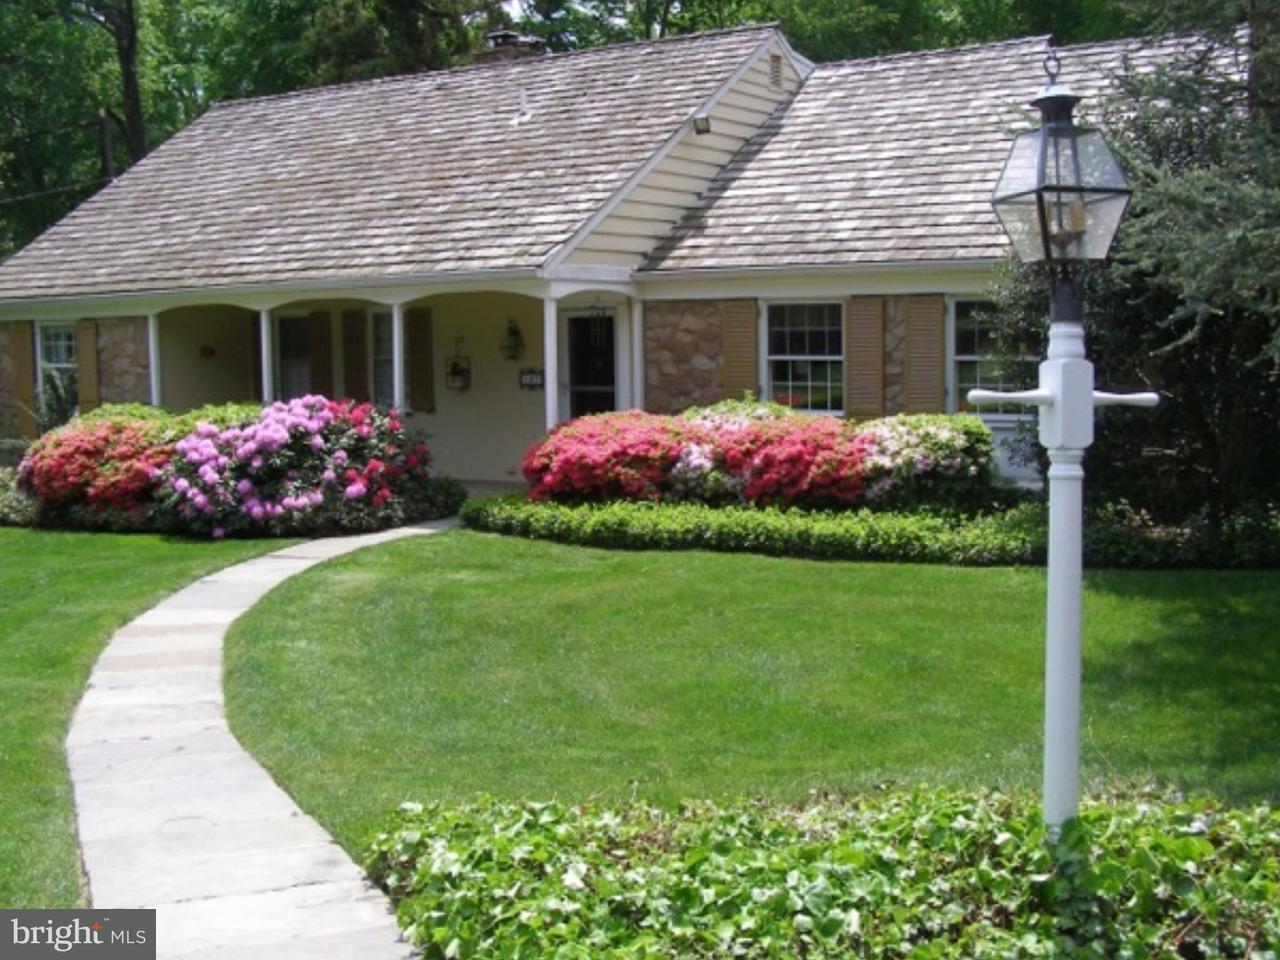 独户住宅 为 销售 在 187 BERWIND Circle 拉德诺, 宾夕法尼亚州 19087 美国